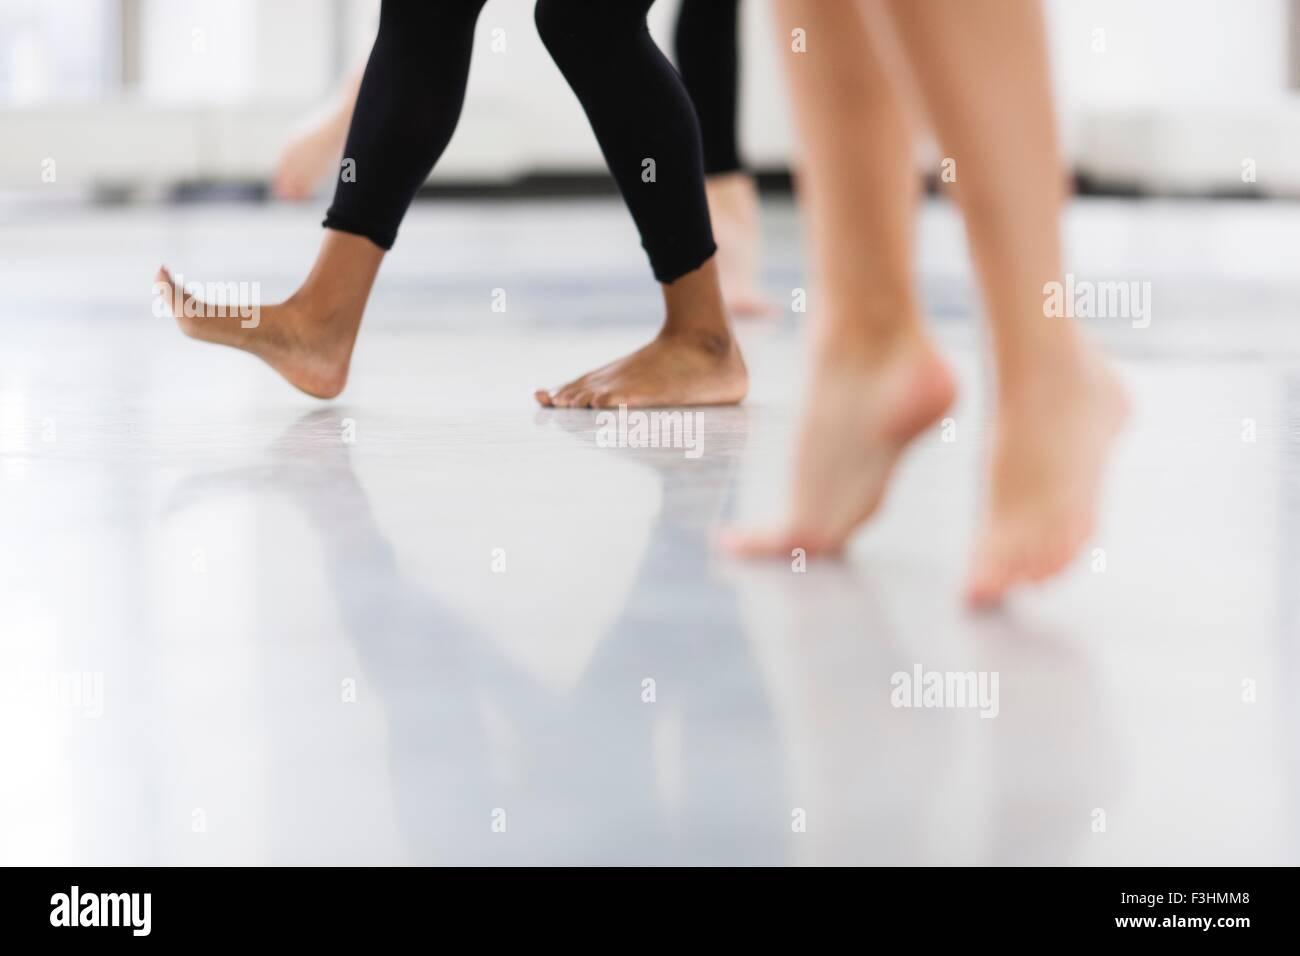 Piernas y pies desnudos de mujeres jóvenes bailarines bailando Imagen De Stock